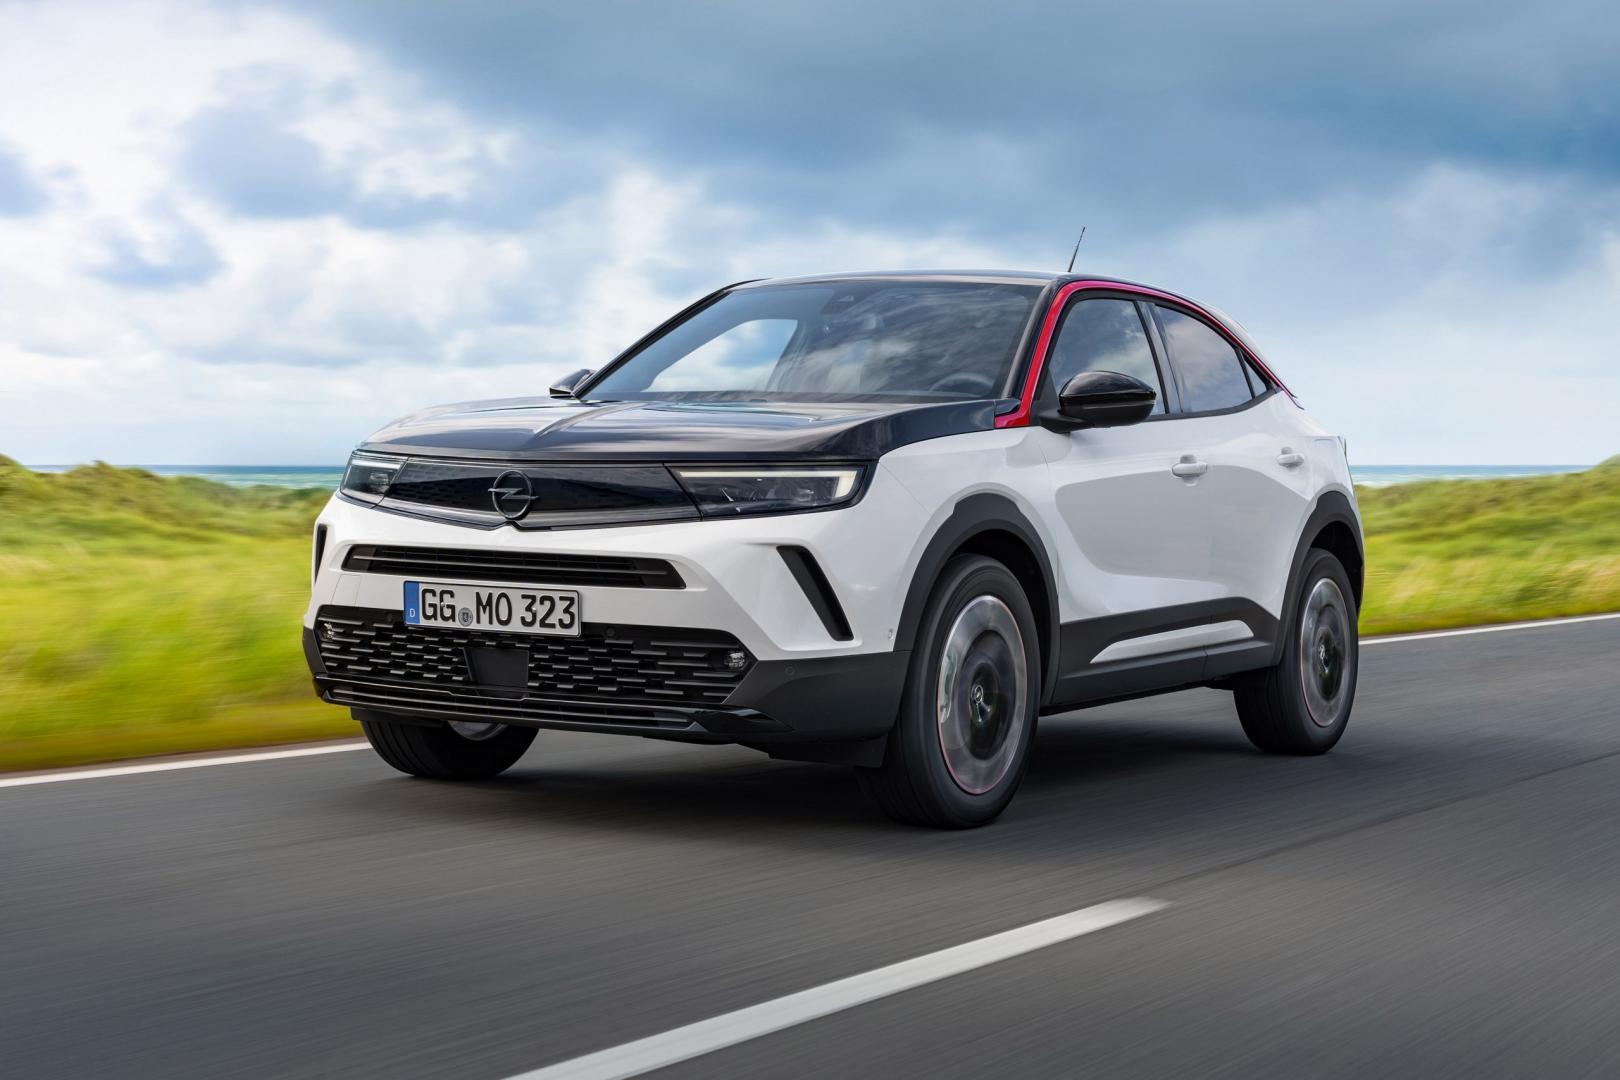 Opel Mokka (benzine, wit)